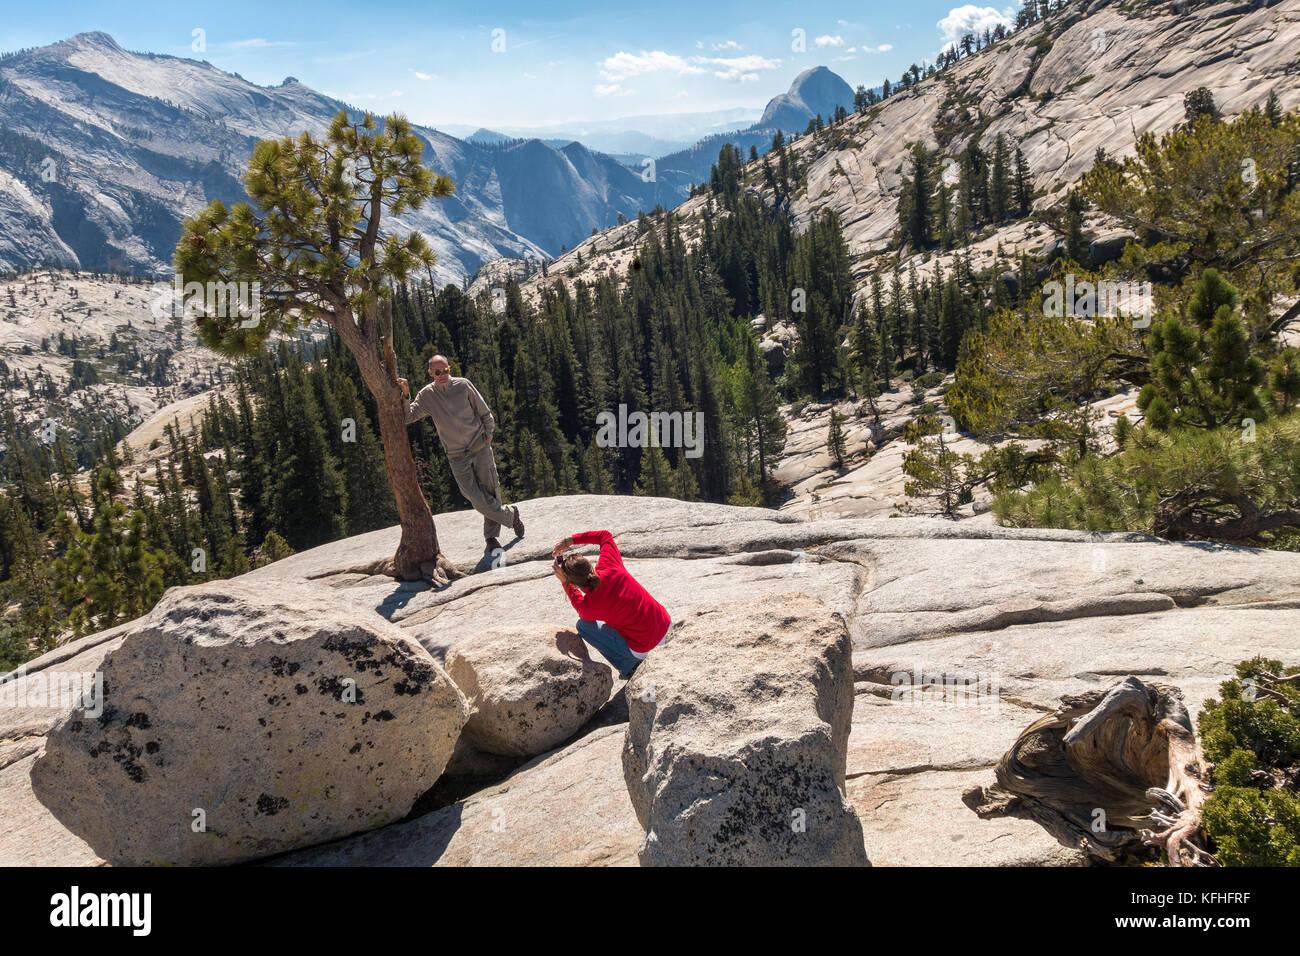 Olmsted Point Yosemite paio di scattare le foto con mezza cupola della distanza nel Parco Nazionale di Yosemite Foto Stock